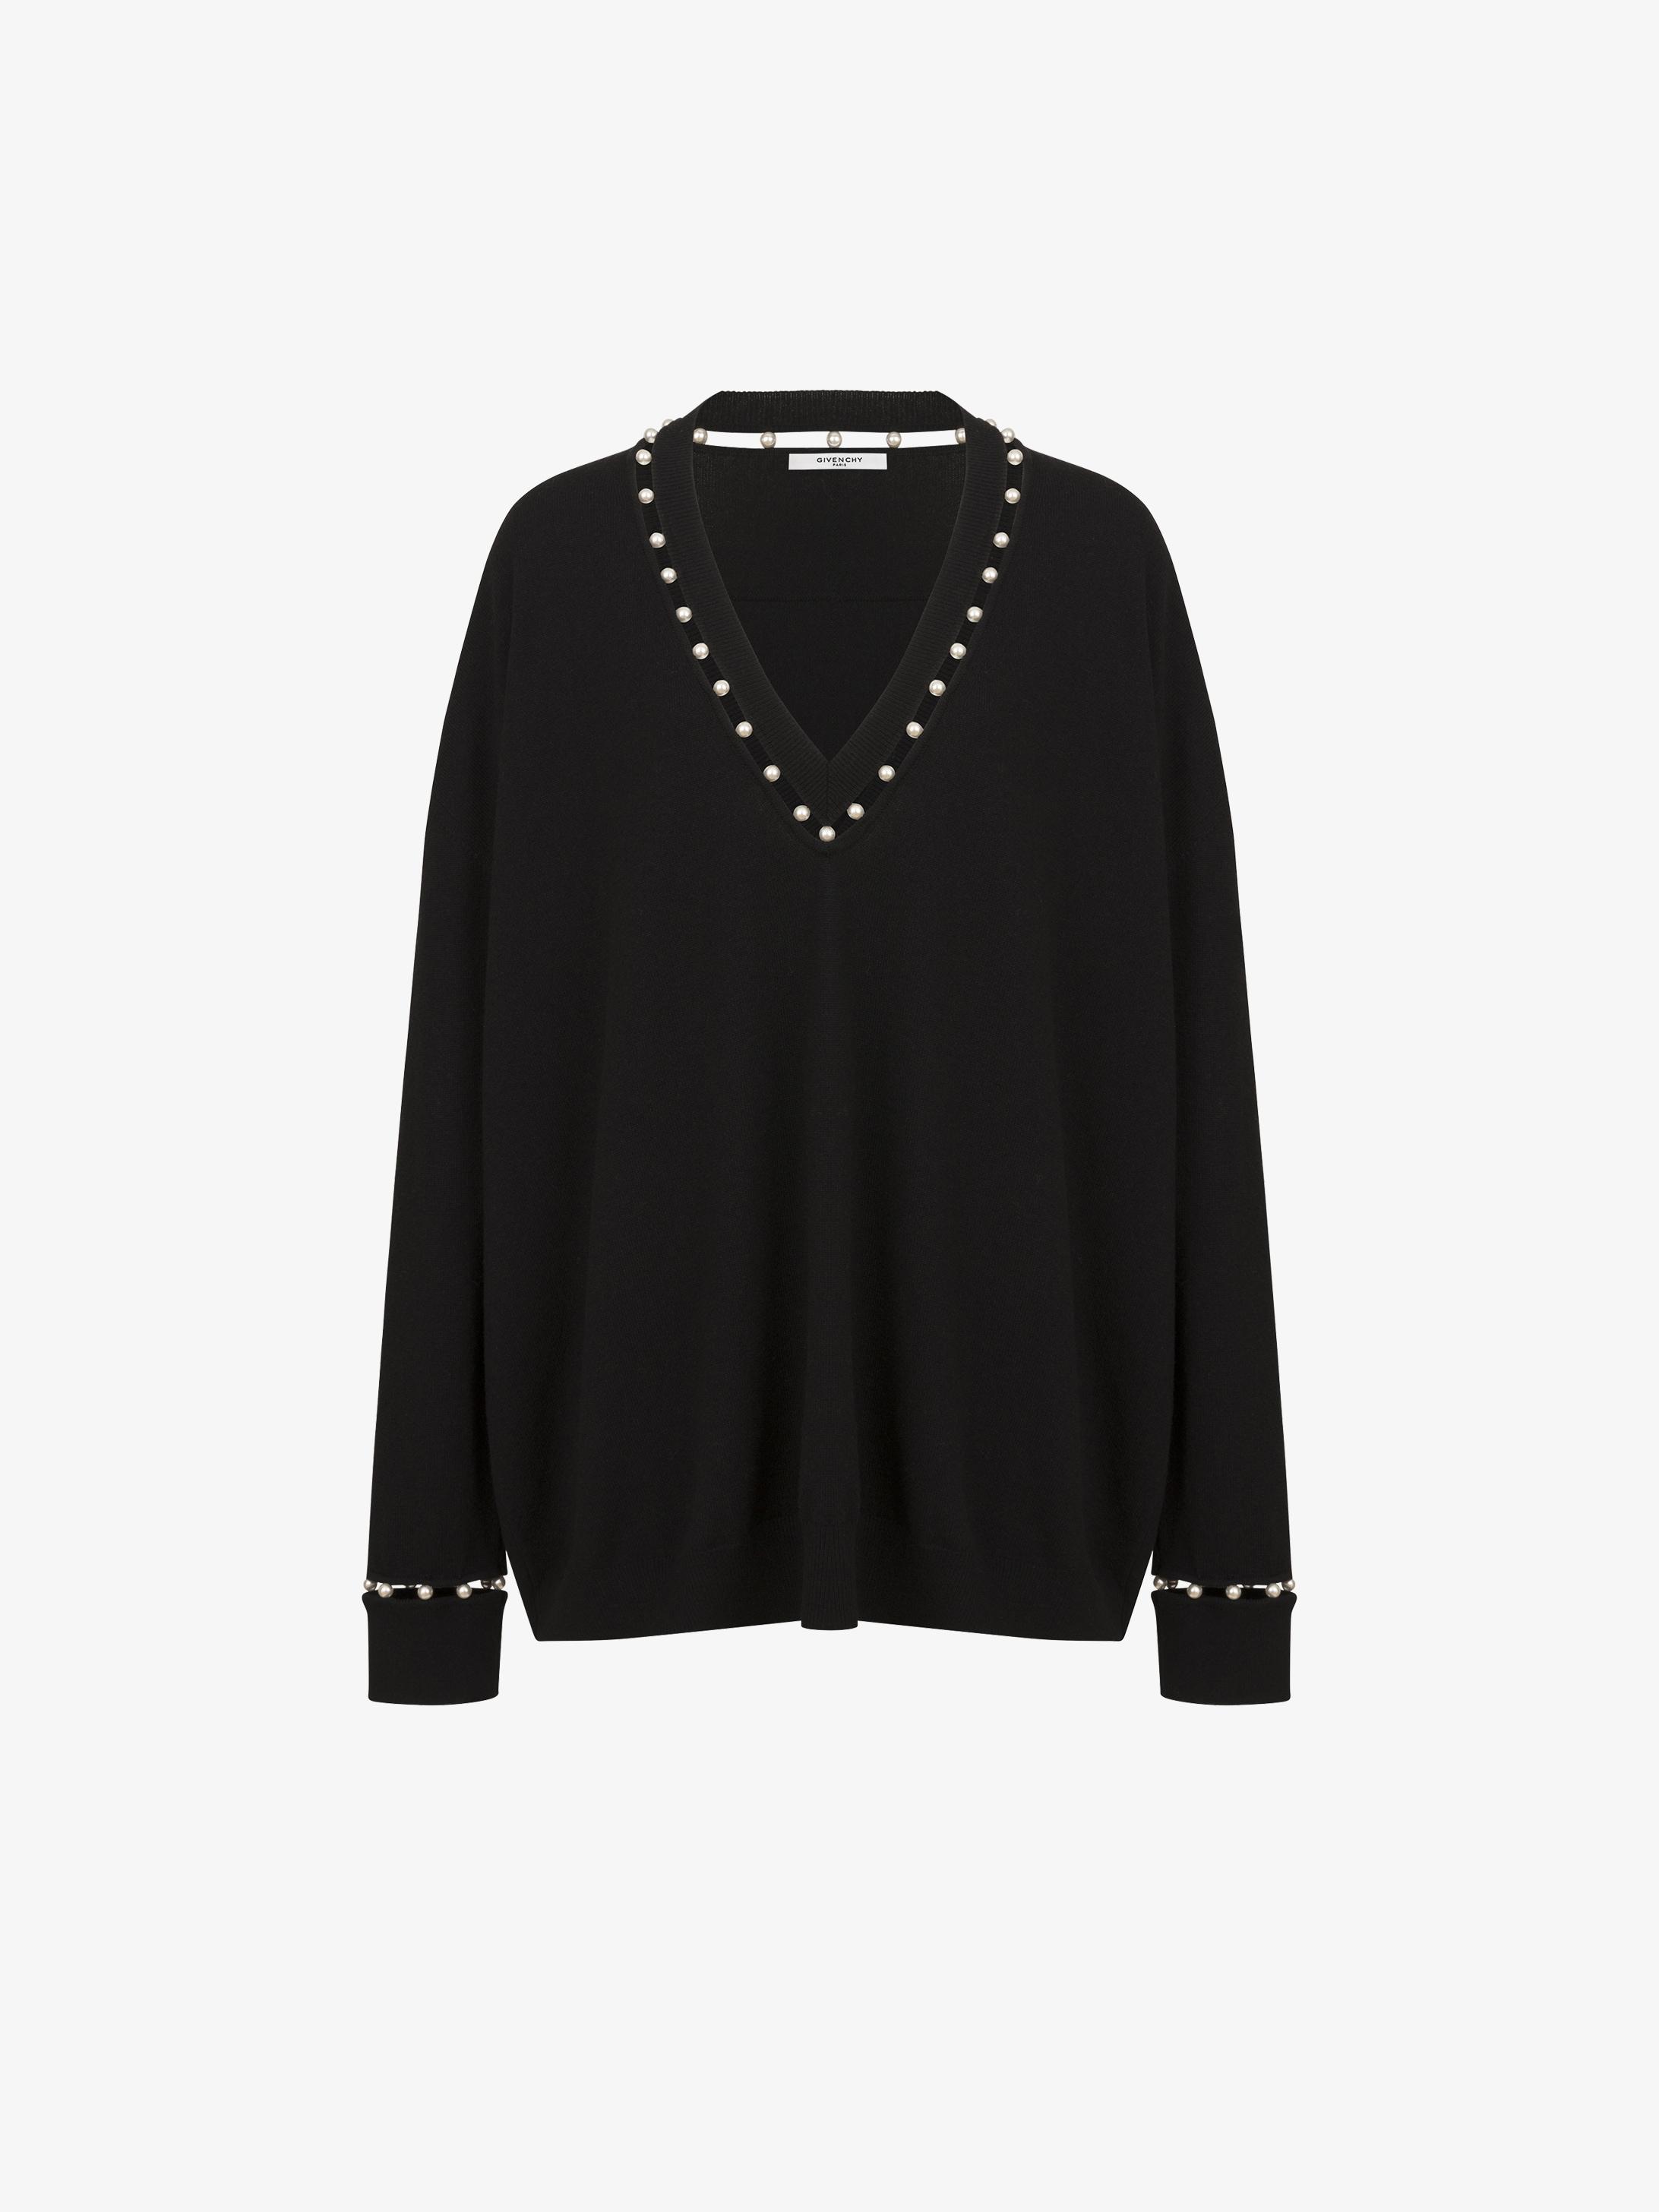 羊绒深V领珍珠装饰毛衫